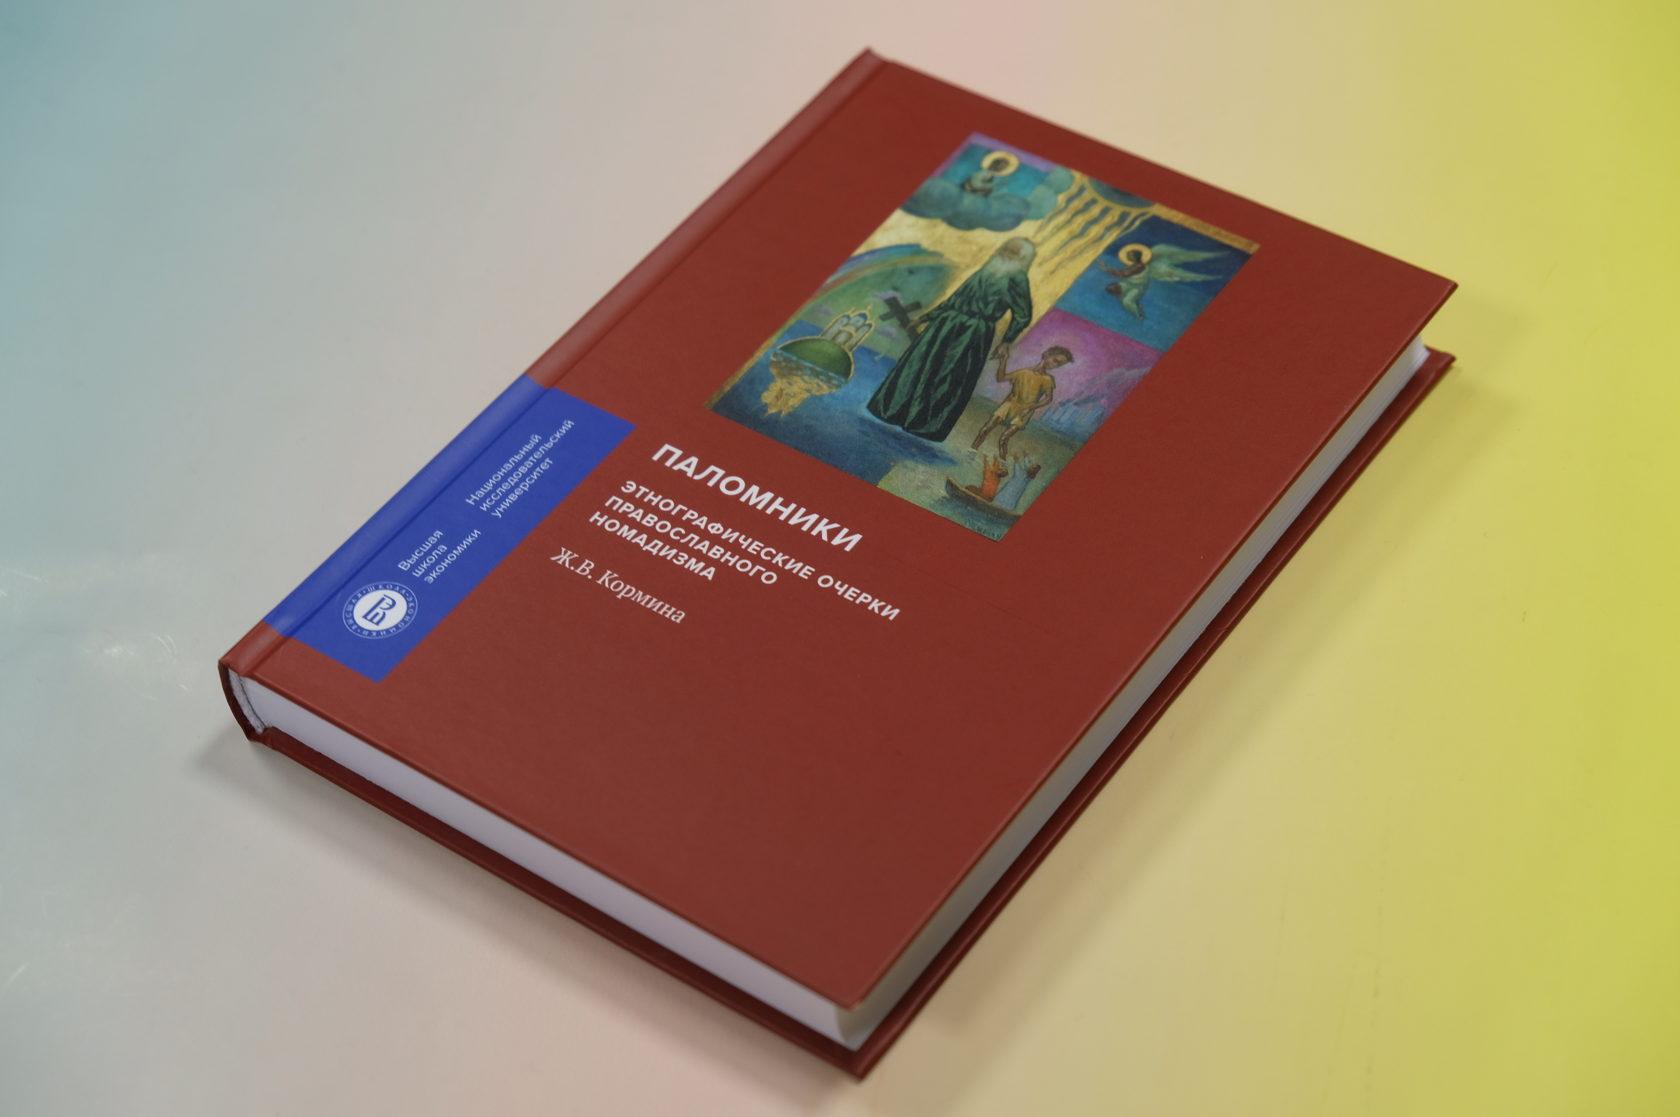 Паломники. Этнографические очерки православного номадизма 978-5-7598-1939-4